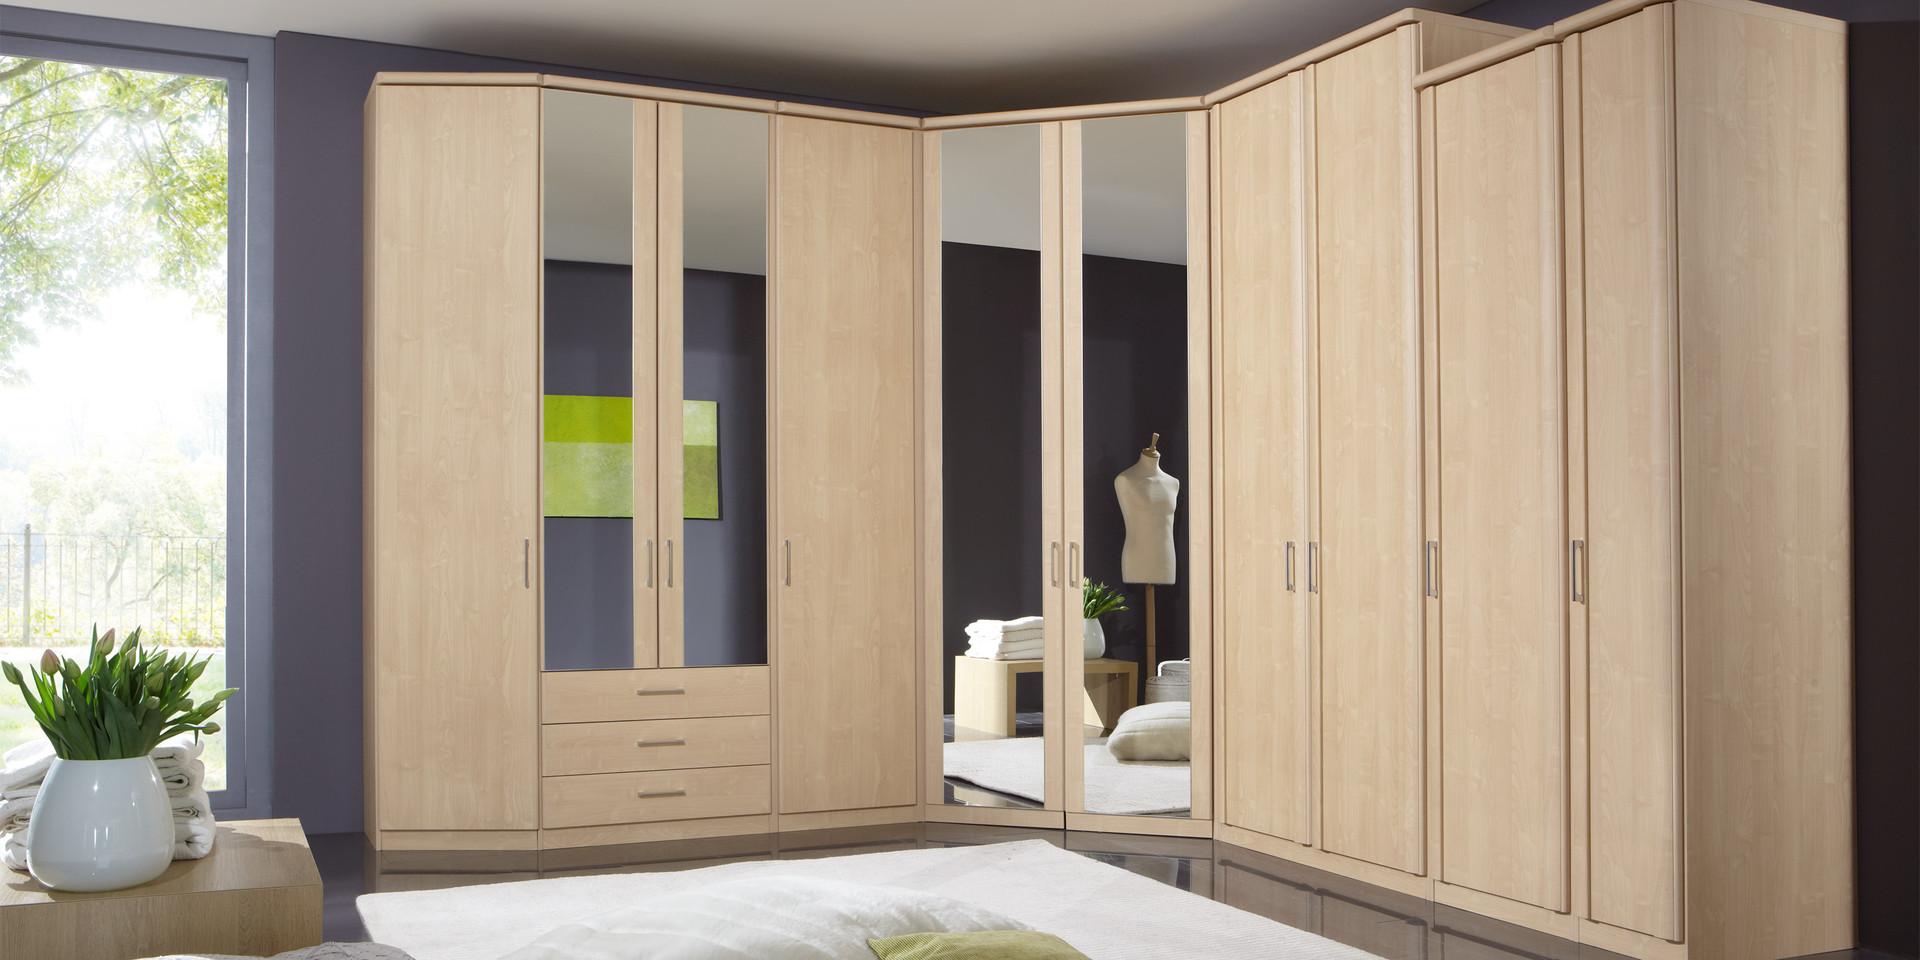 Luxor 3+4 » Erfrischend Vielseitig, überraschend Anders. Schlafzimmer ...